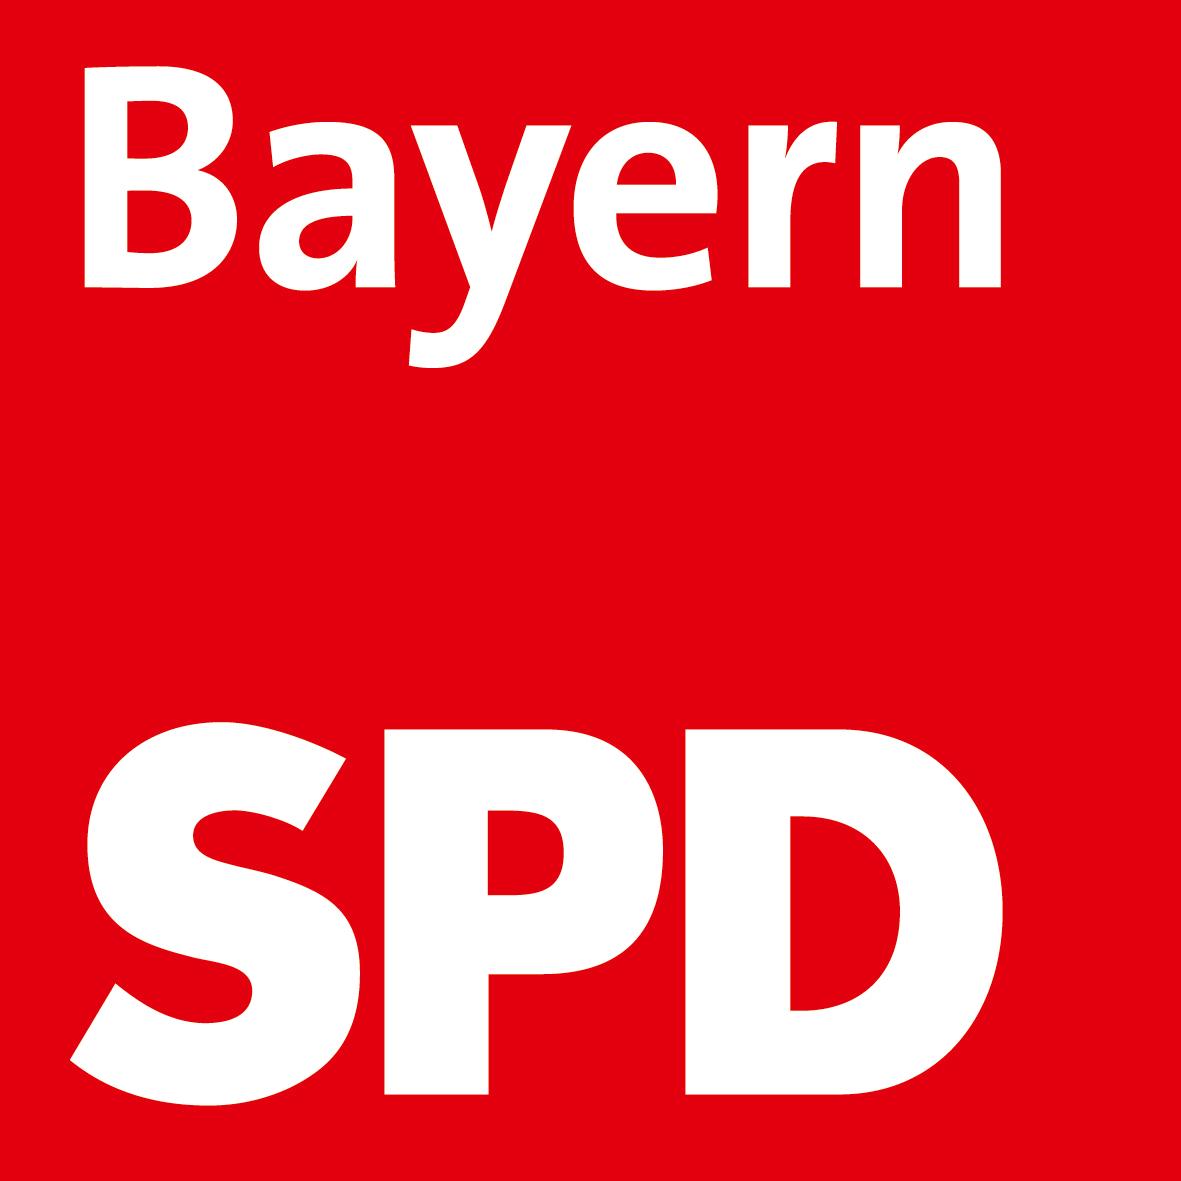 Bayern-SPD